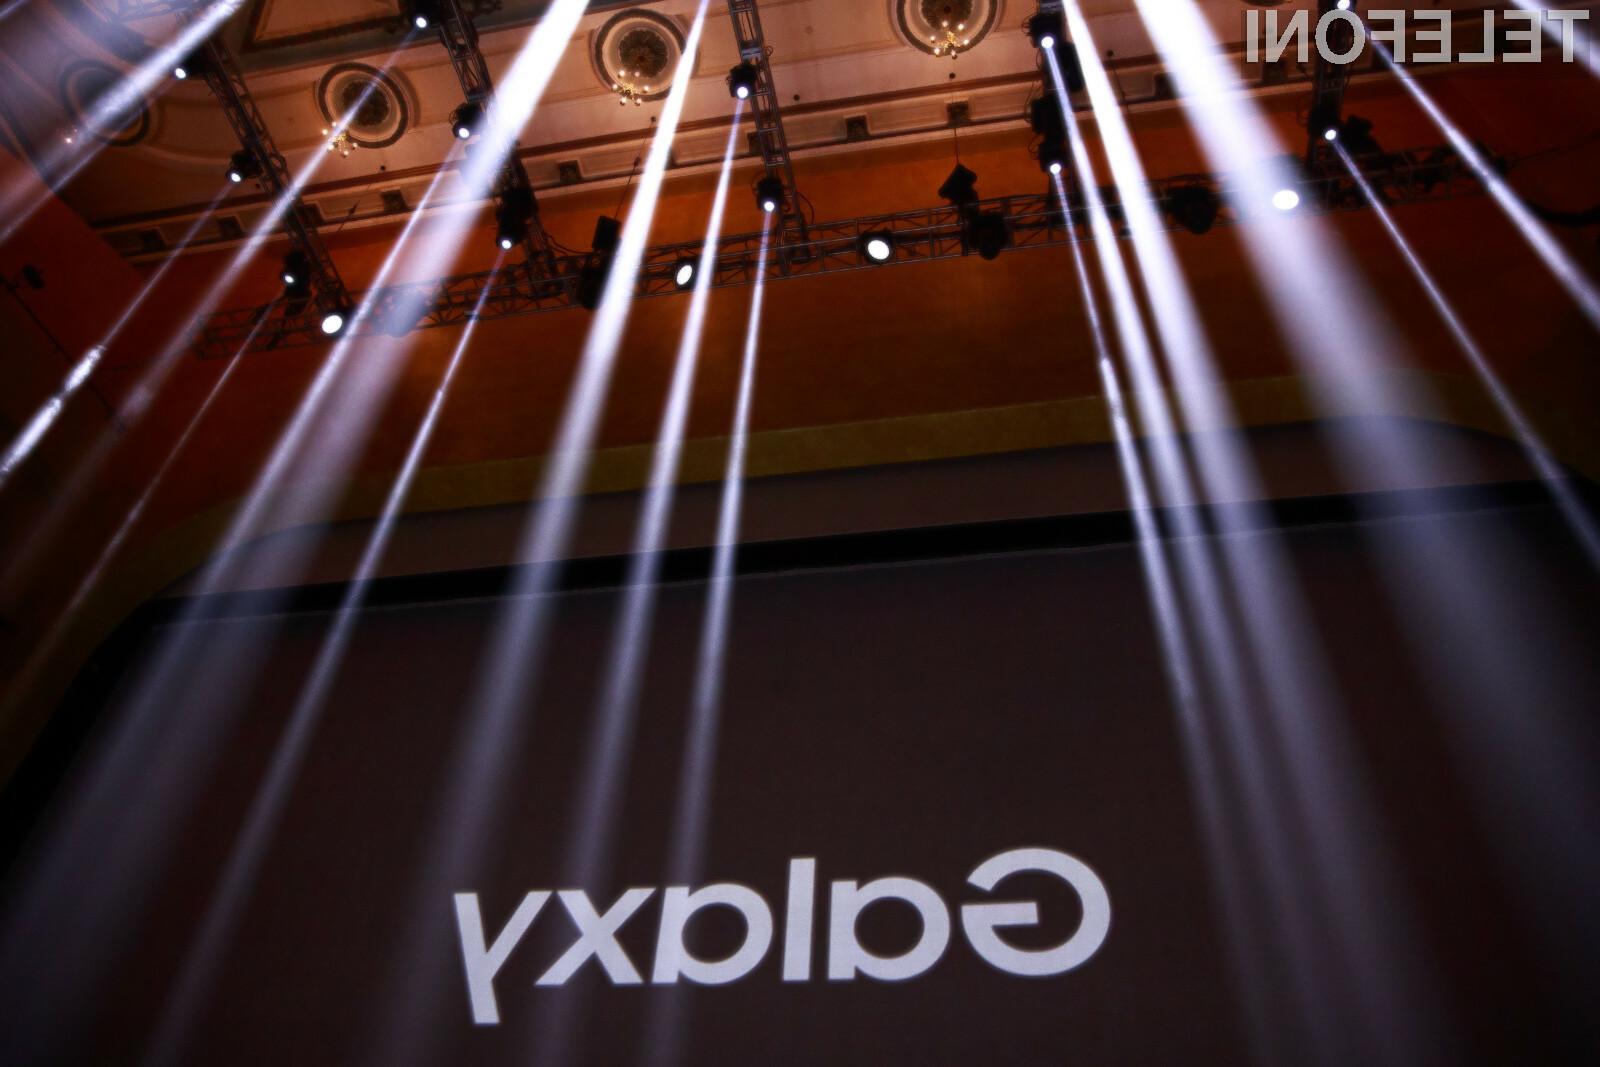 Pametni mobilni telefon Samsung Galaxy S9 naj bi bil v osnovi zelo podoben njegovemu predhodniku.